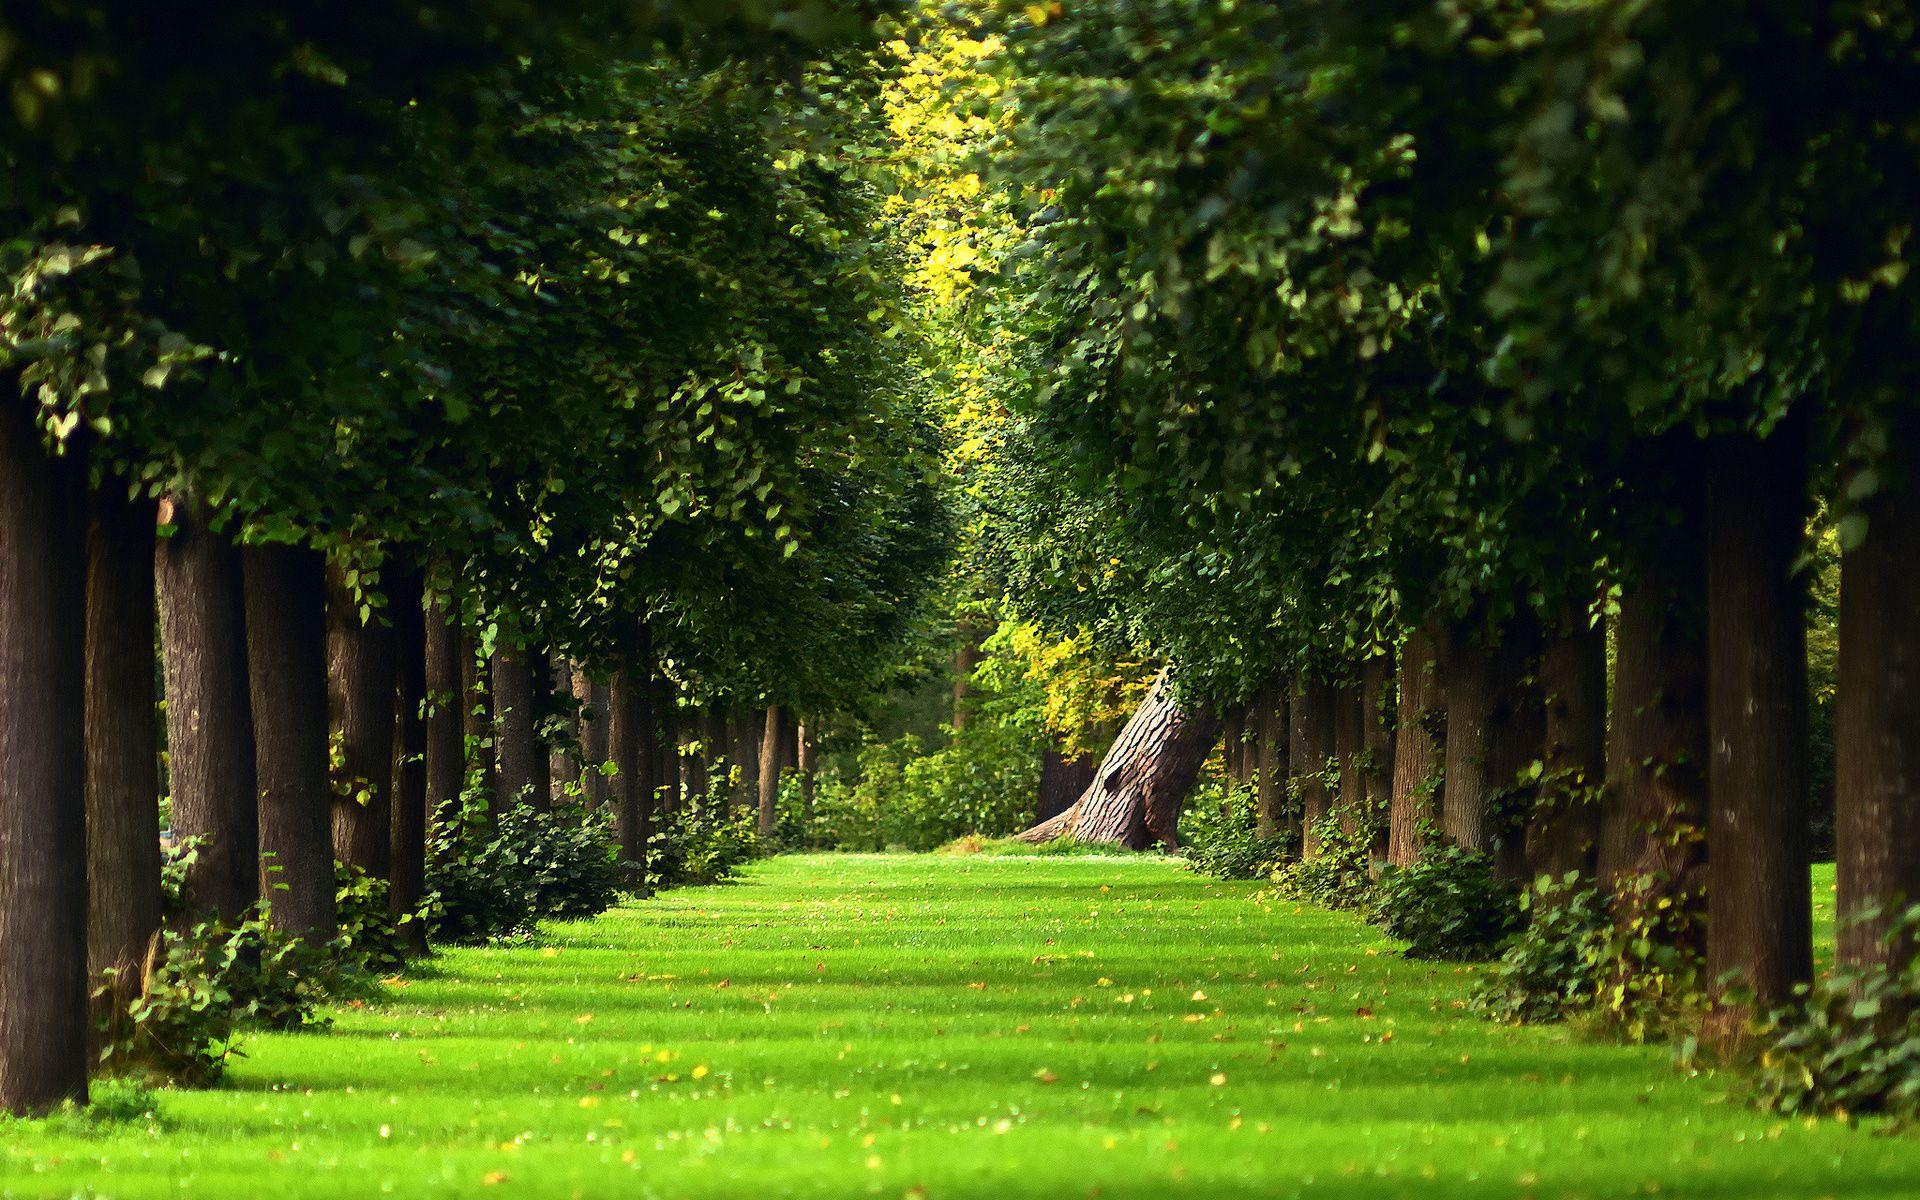 Foto Besplatno Alleya Park Starye Derevya Trava Leto Zelen